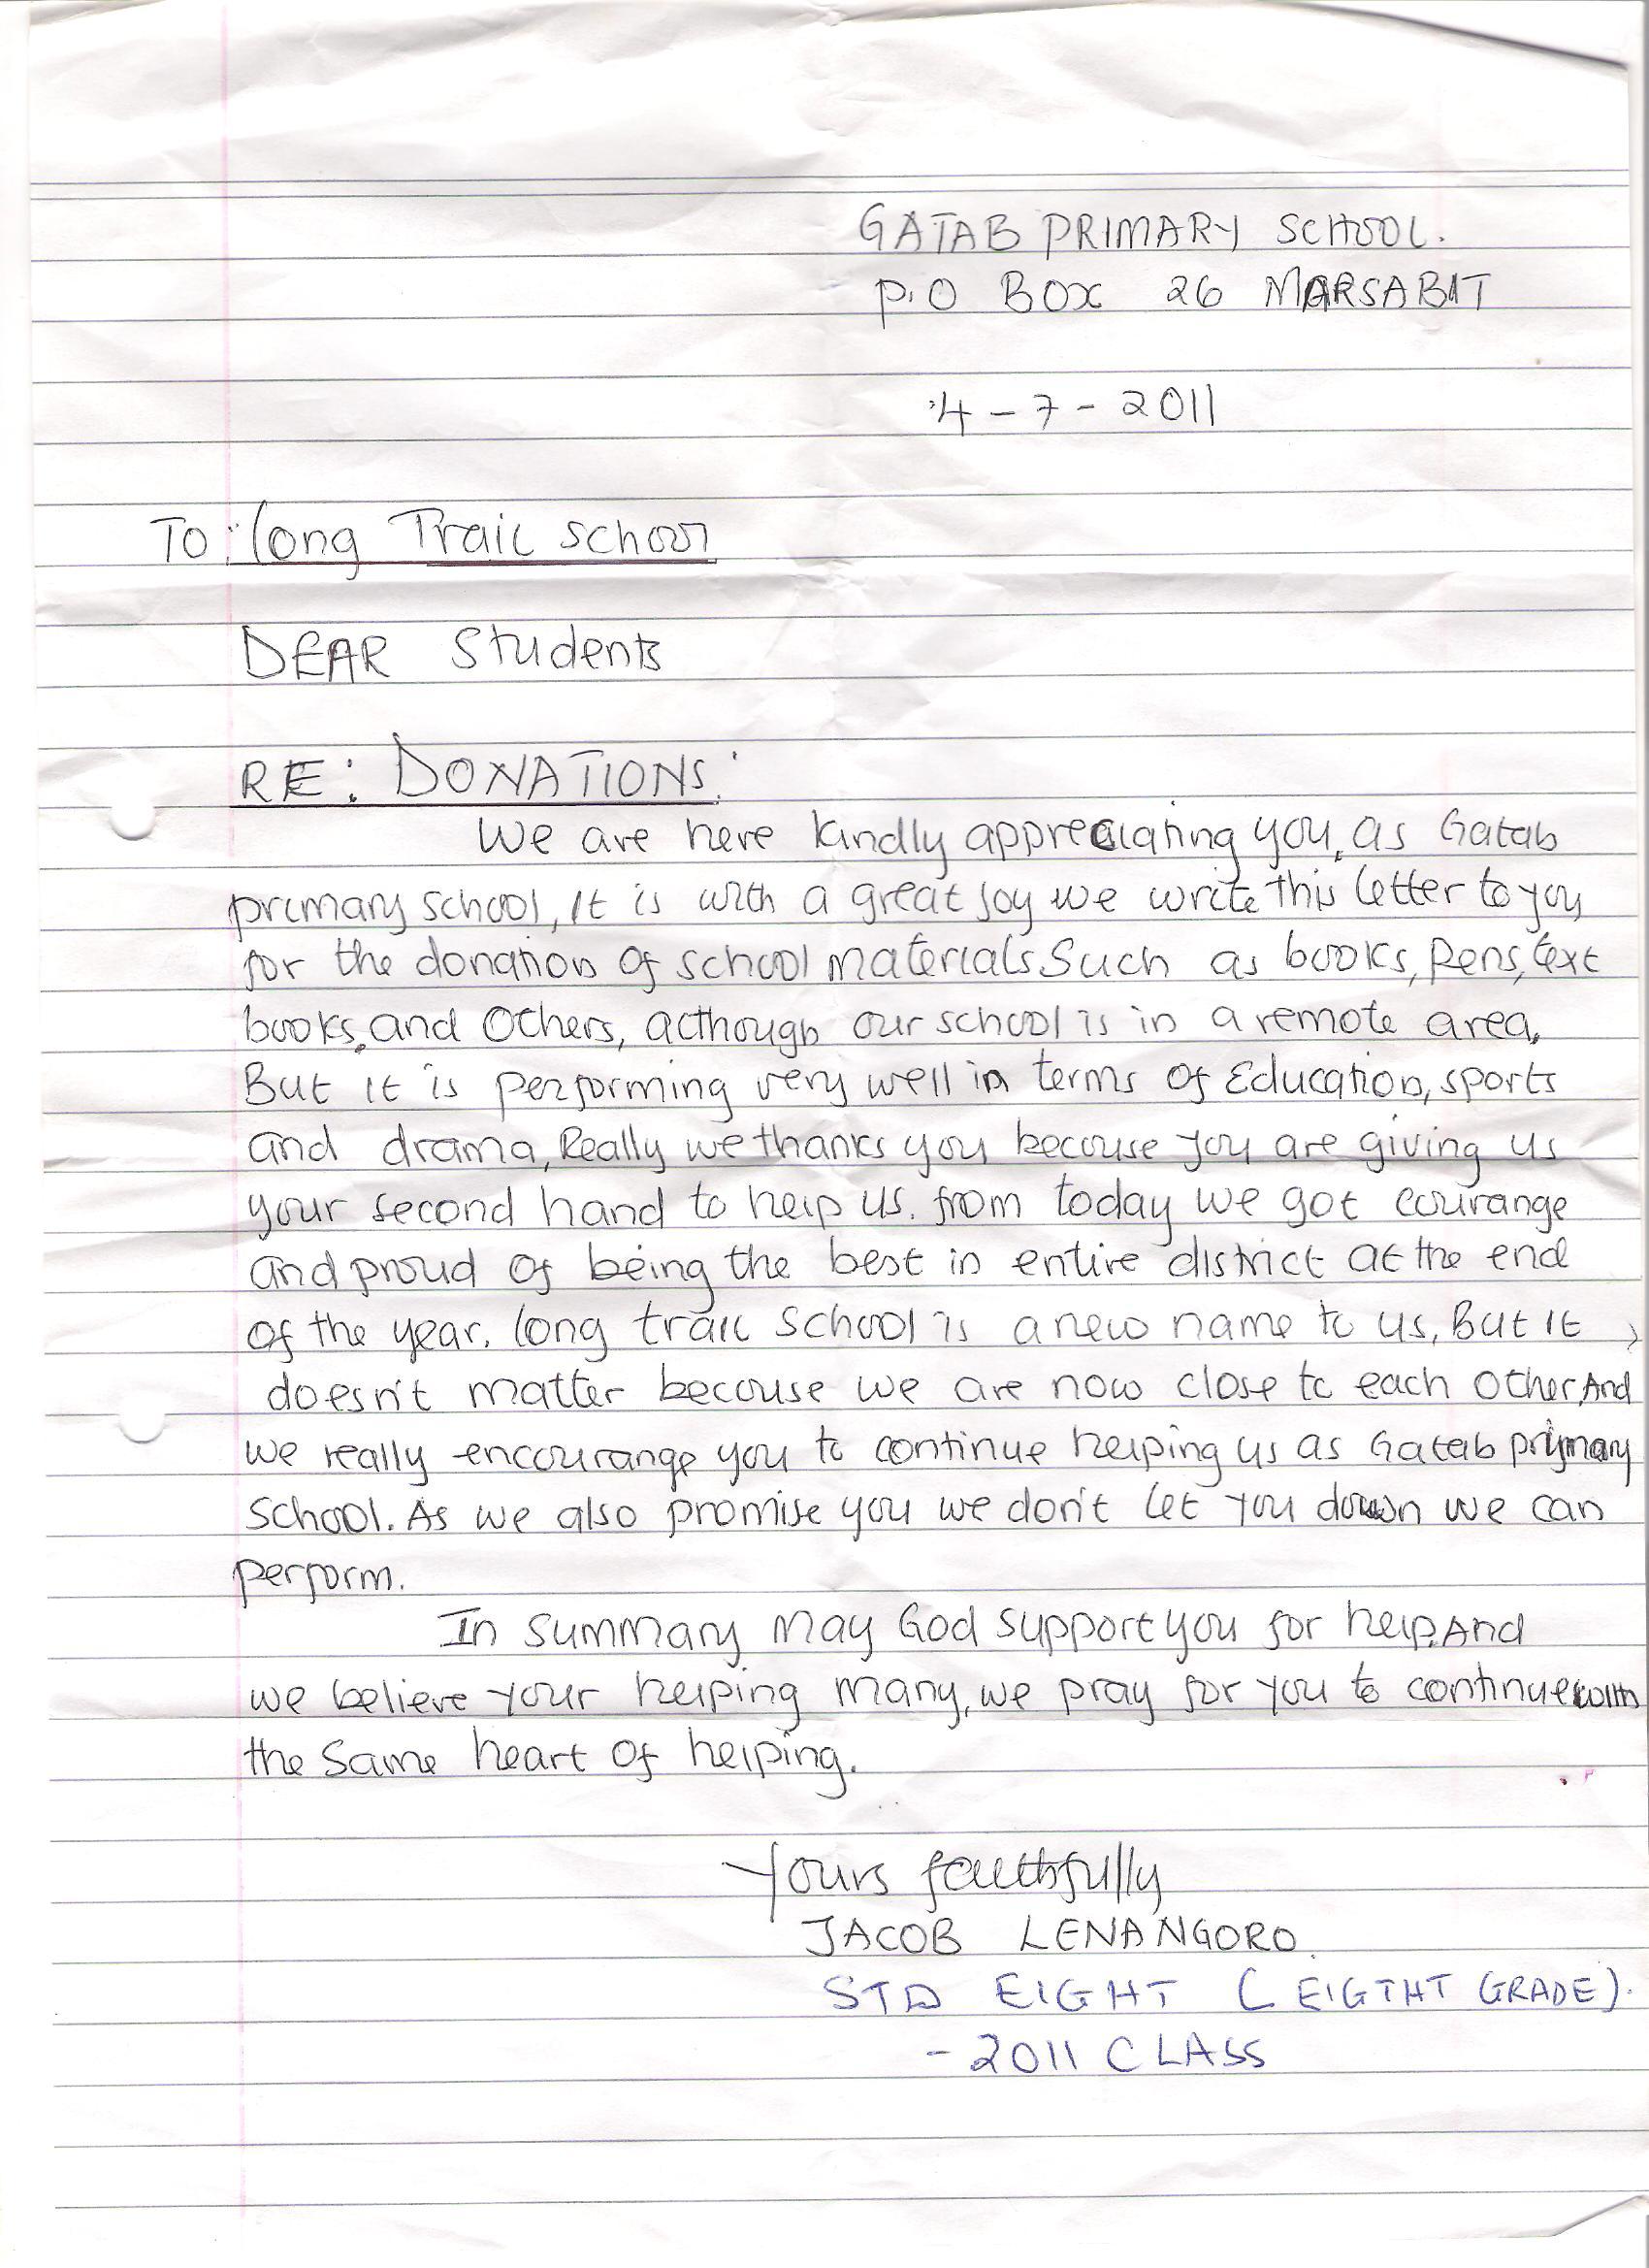 Letter to Long Trail School.jpg